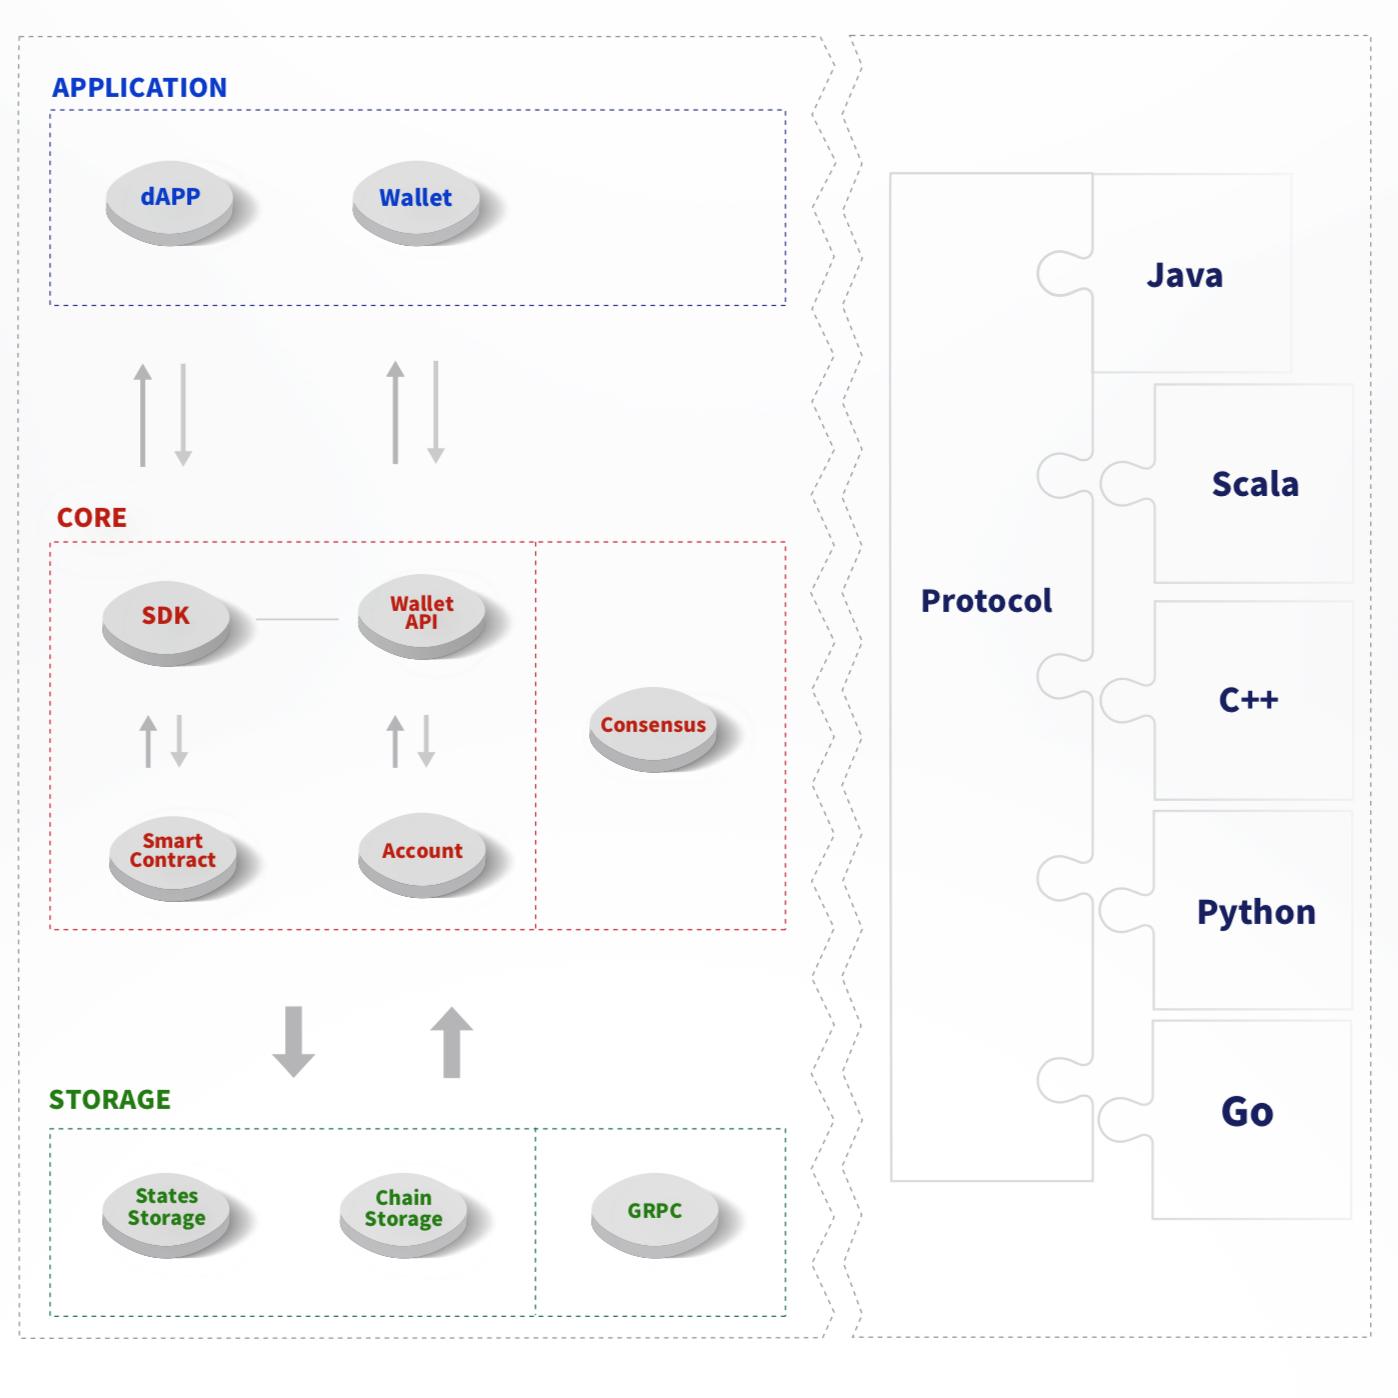 https://raw.githubusercontent.com/ybhgenius/wiki/master/docs/img/architecture.jpg